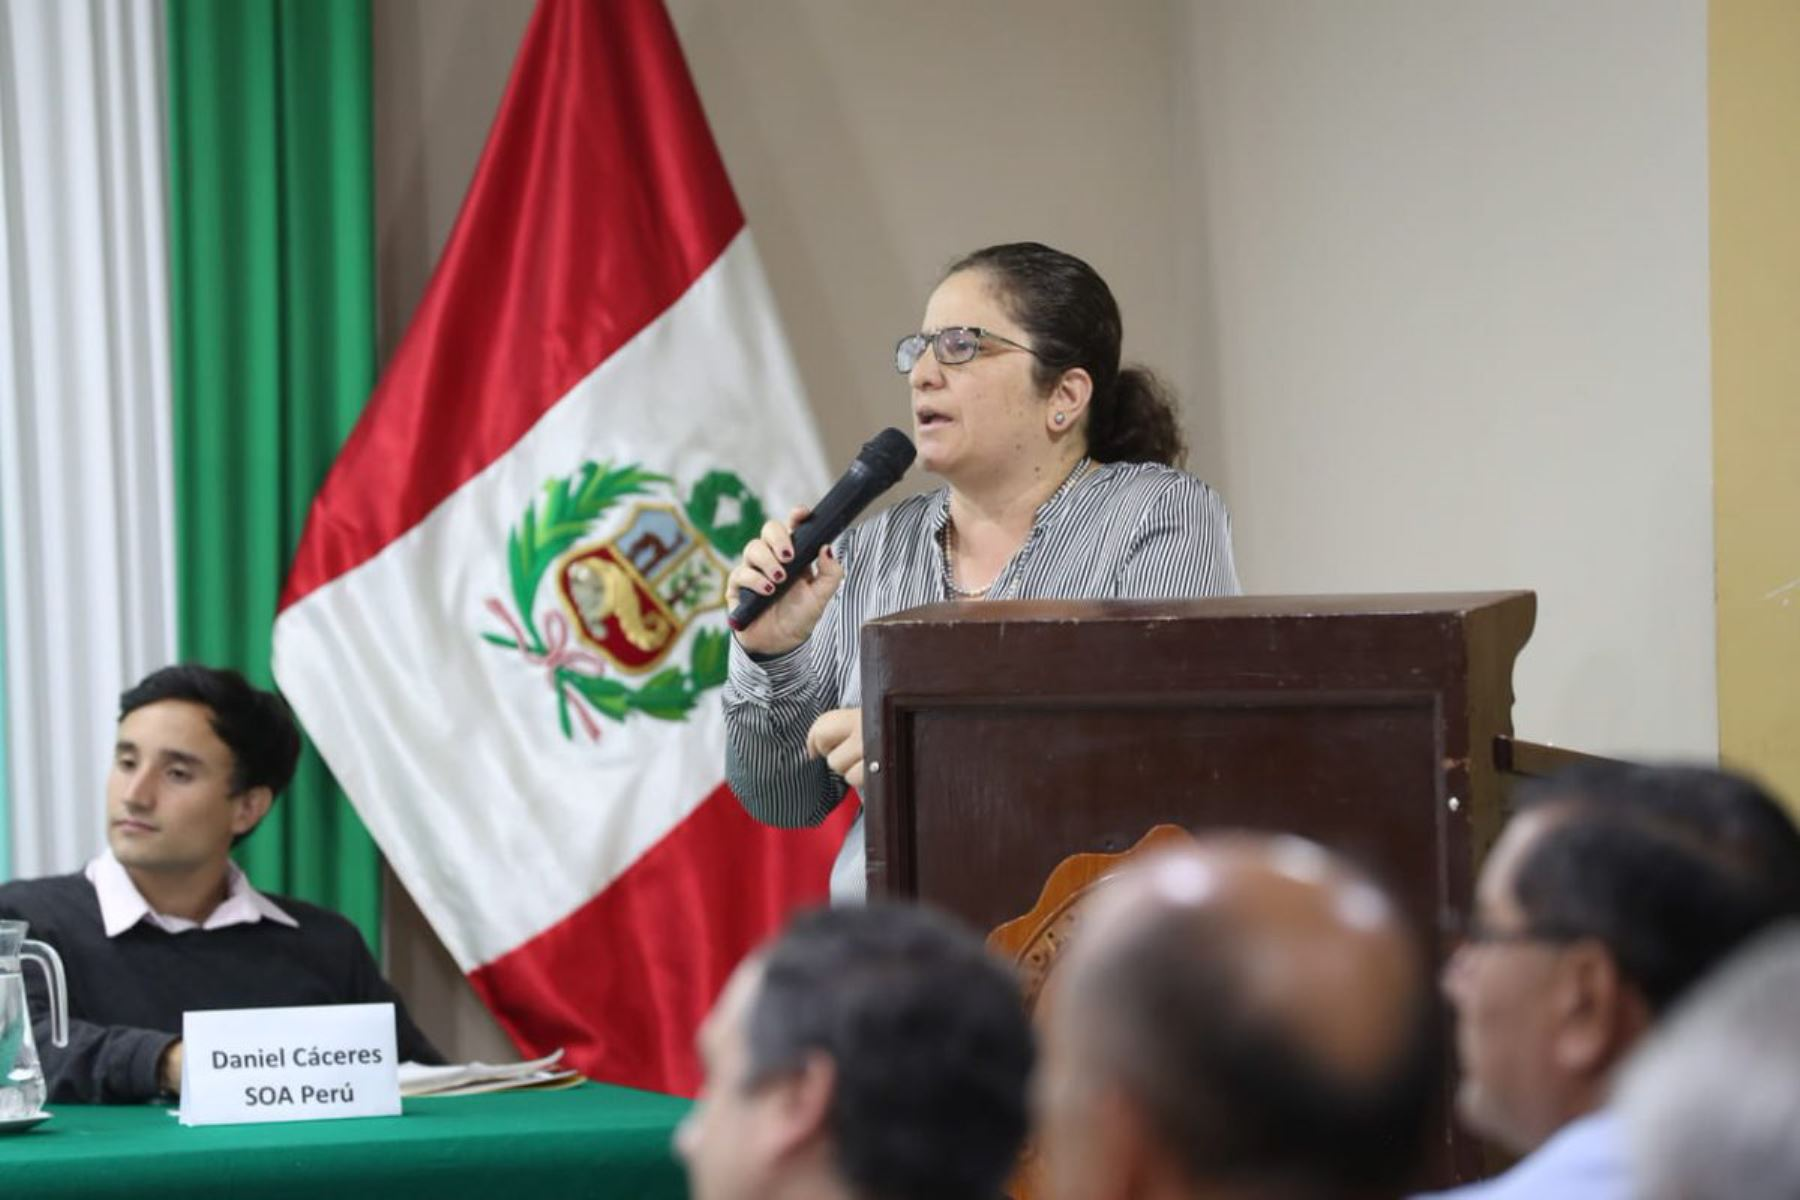 """La ministra del Ambiente, Lucía Ruiz, participó en Piura en la conferencia """"Mar Pacífico Tropical del Perú: protección y conservación""""."""